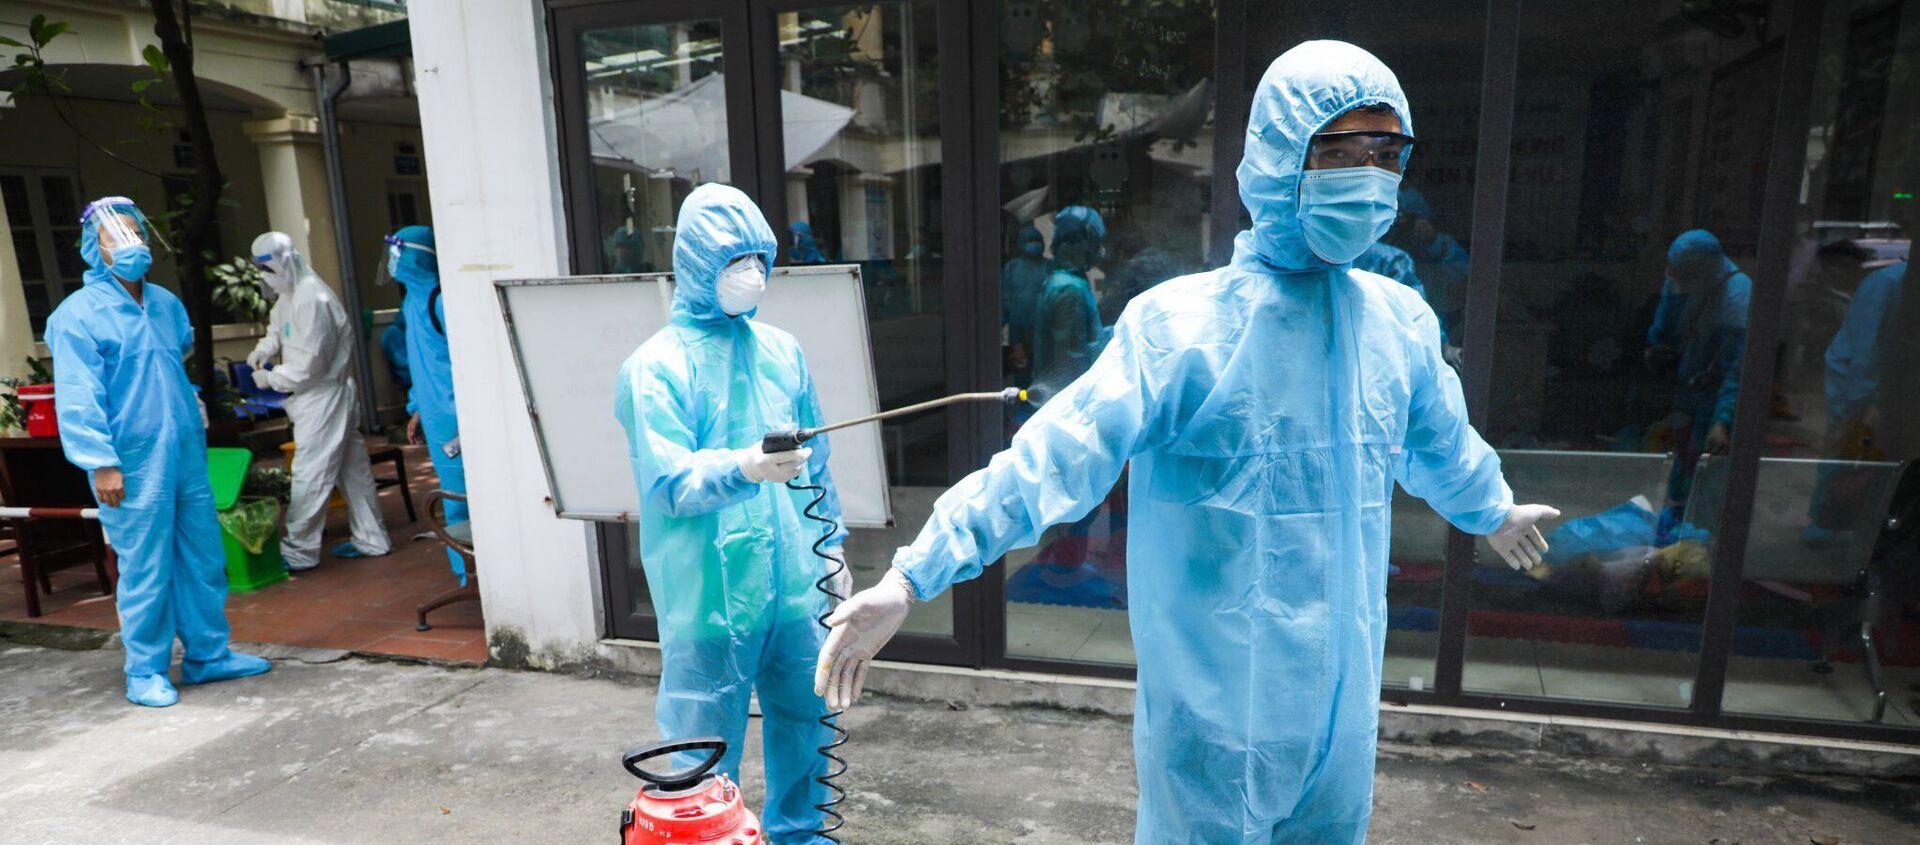 Phóng viên ảnh Lê Văn Viết Niệm cùng đồng nghiệp khử khuẩn sau khi tác nghiệp tại tâm dịch Bắc Giang - Sputnik Việt Nam, 1920, 22.06.2021